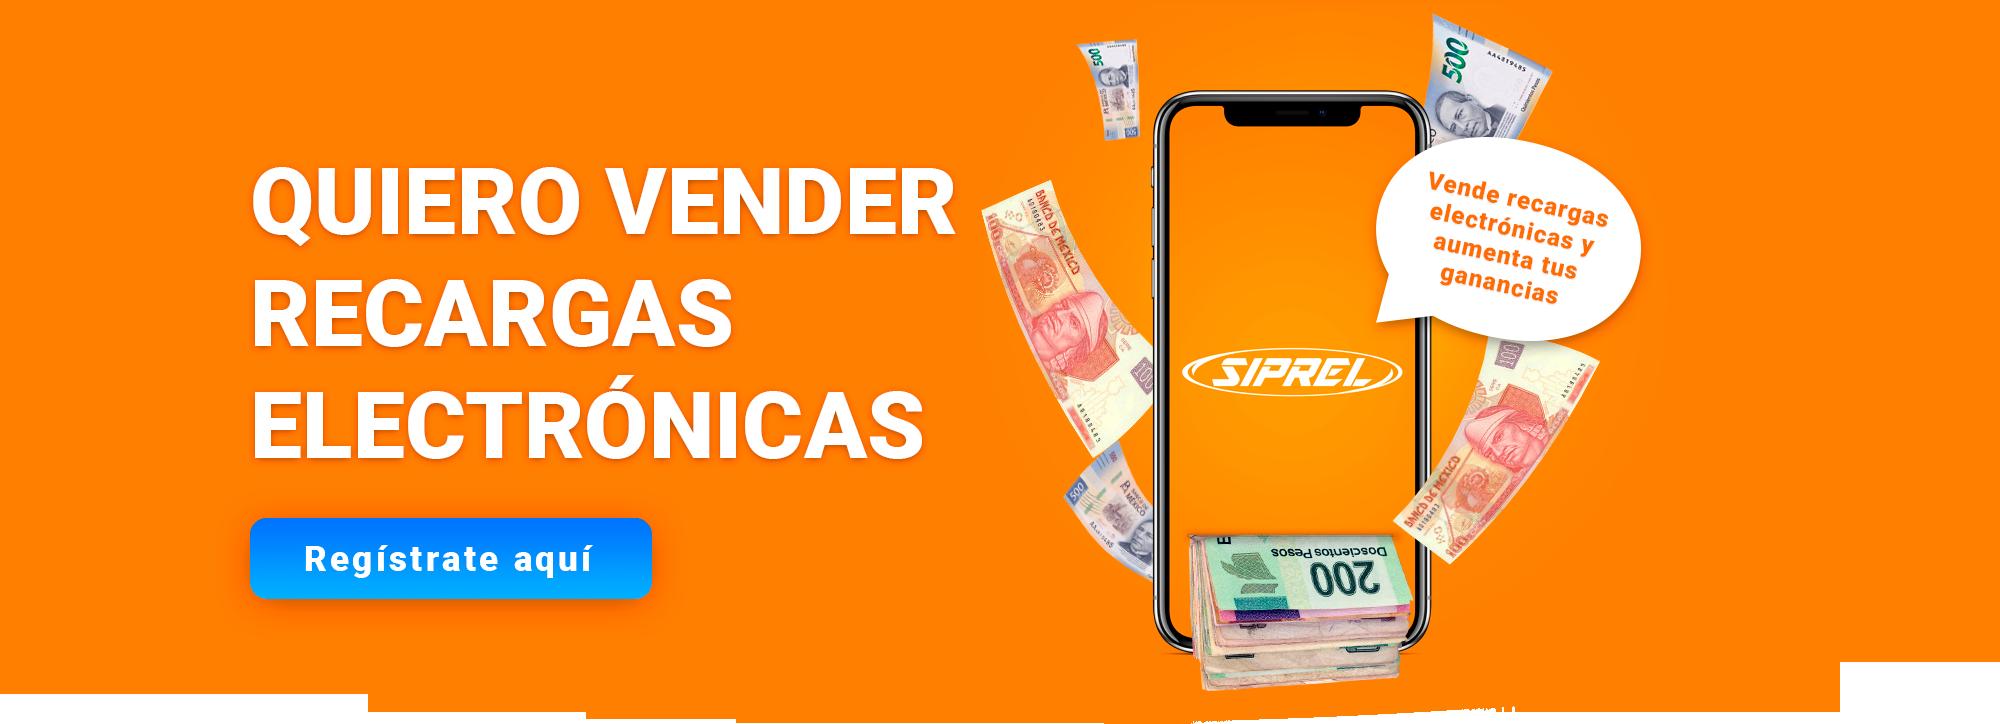 Recargas electrónicas Telcel, Movistar, Unefon, AT&T, Nextel, Iusacell, Virgin, Cierto, Maz Tiempo, Alo, Tuenti, Weex, Flash Mobile